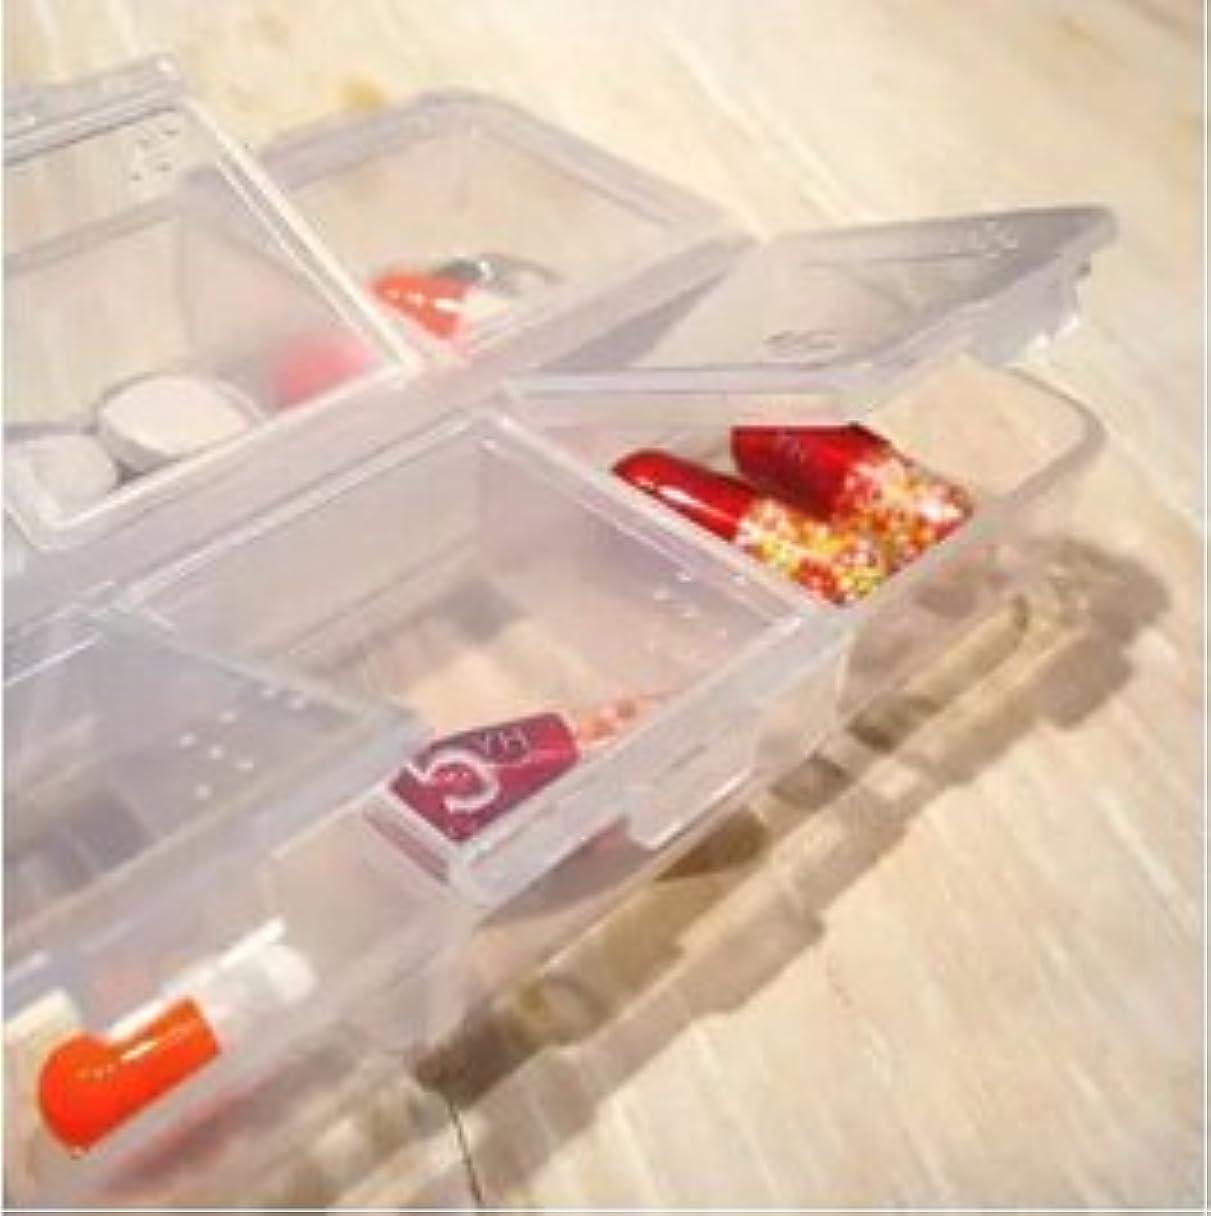 ガム抜本的な広々としたLorny (TM) 【送料無料】6スロット透明なプラスチックピルボックス医学オーガナイザー多機能ピルケースポータブルストレージボックス [並行輸入品]